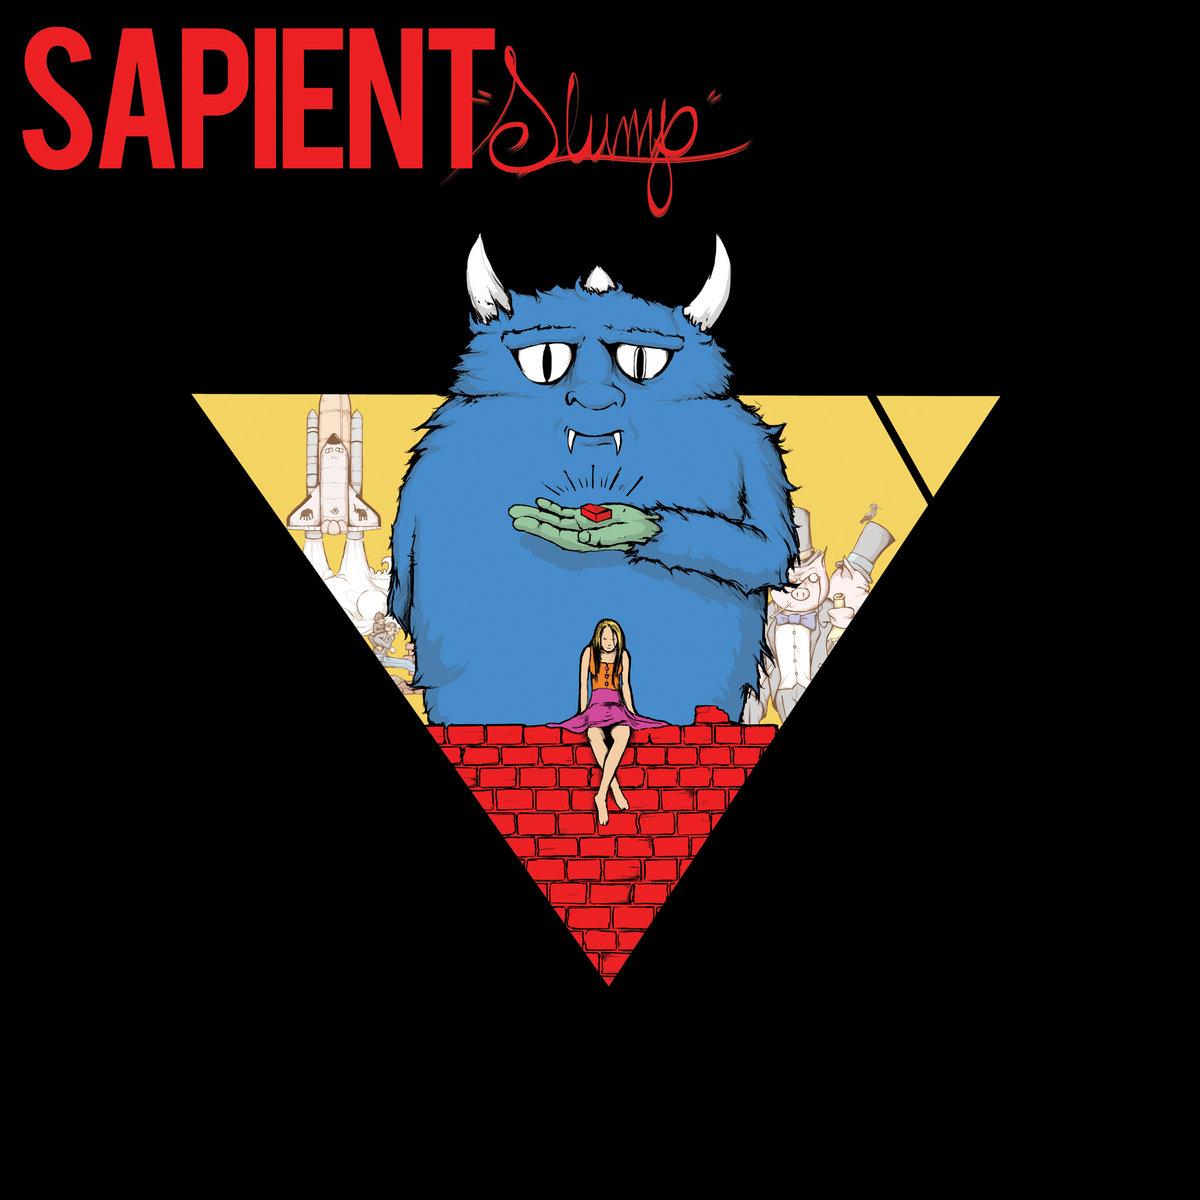 sapient slump